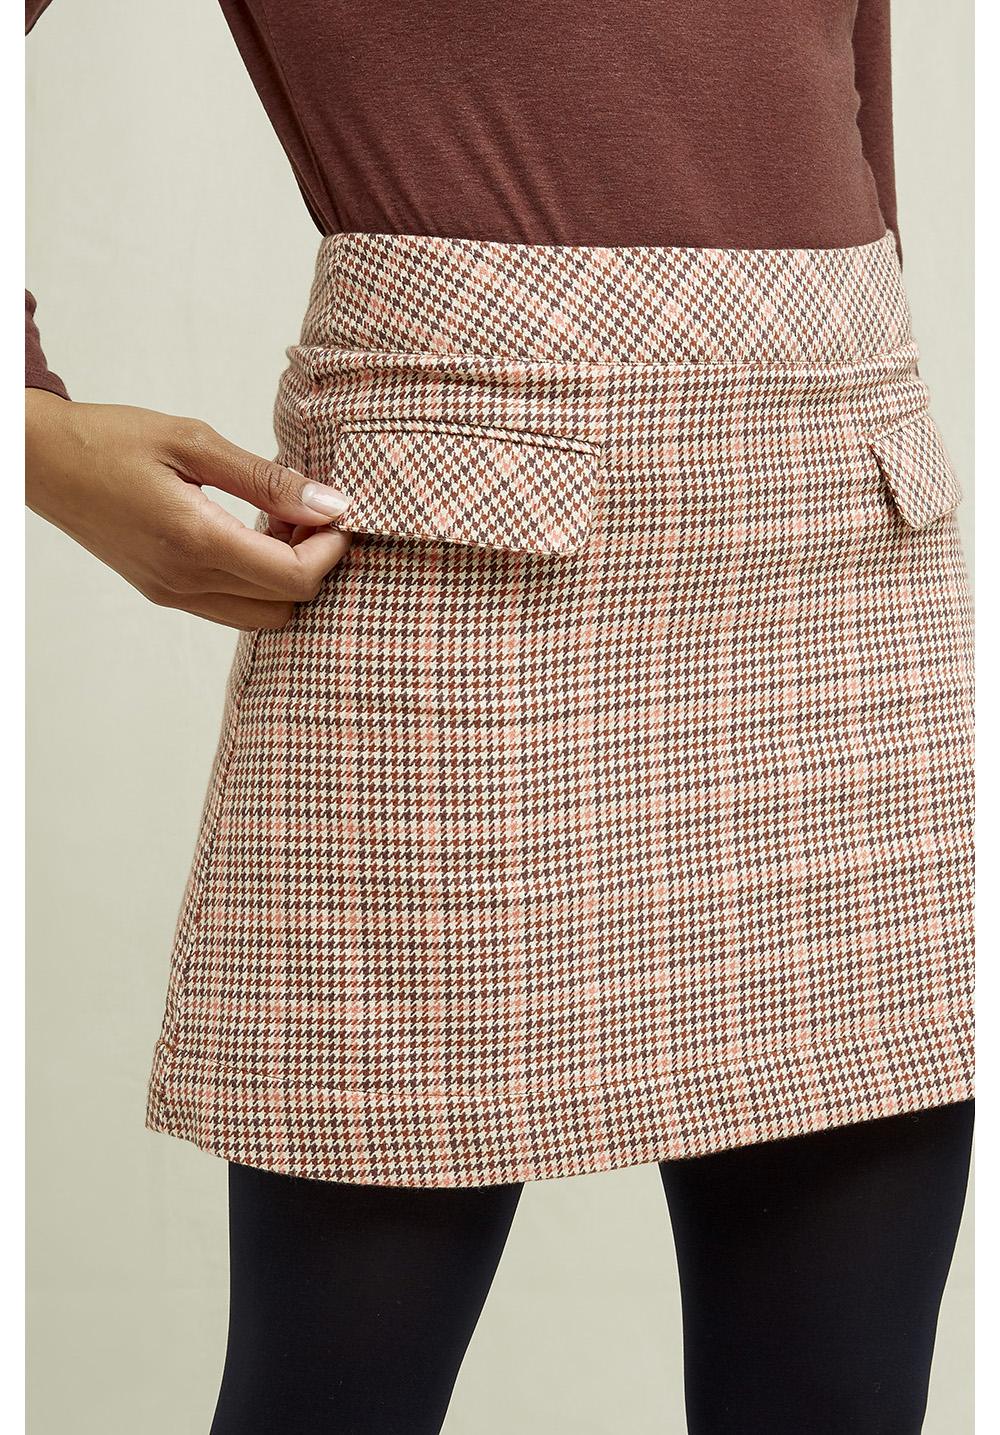 Rosa Houndstooth Skirt 14